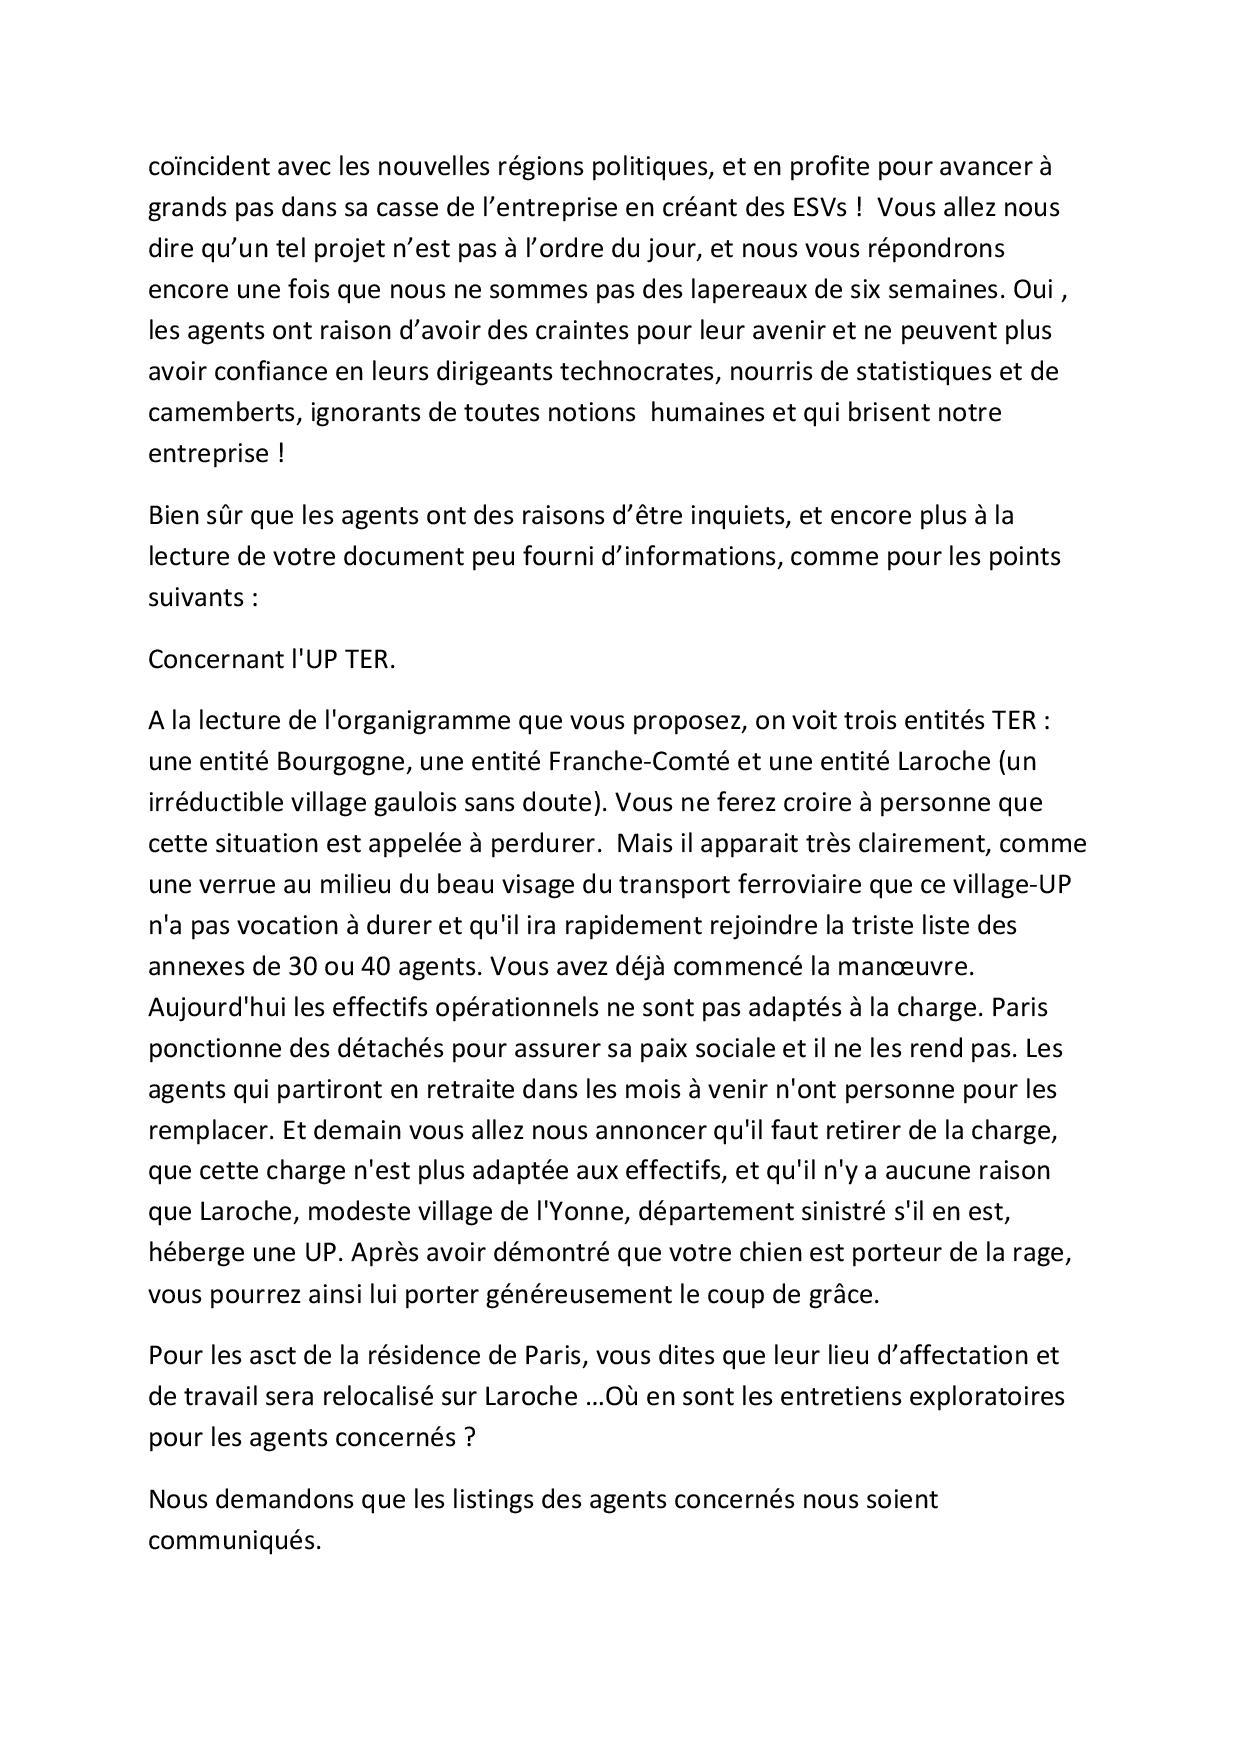 declaration ce rattachement laroche-page-002